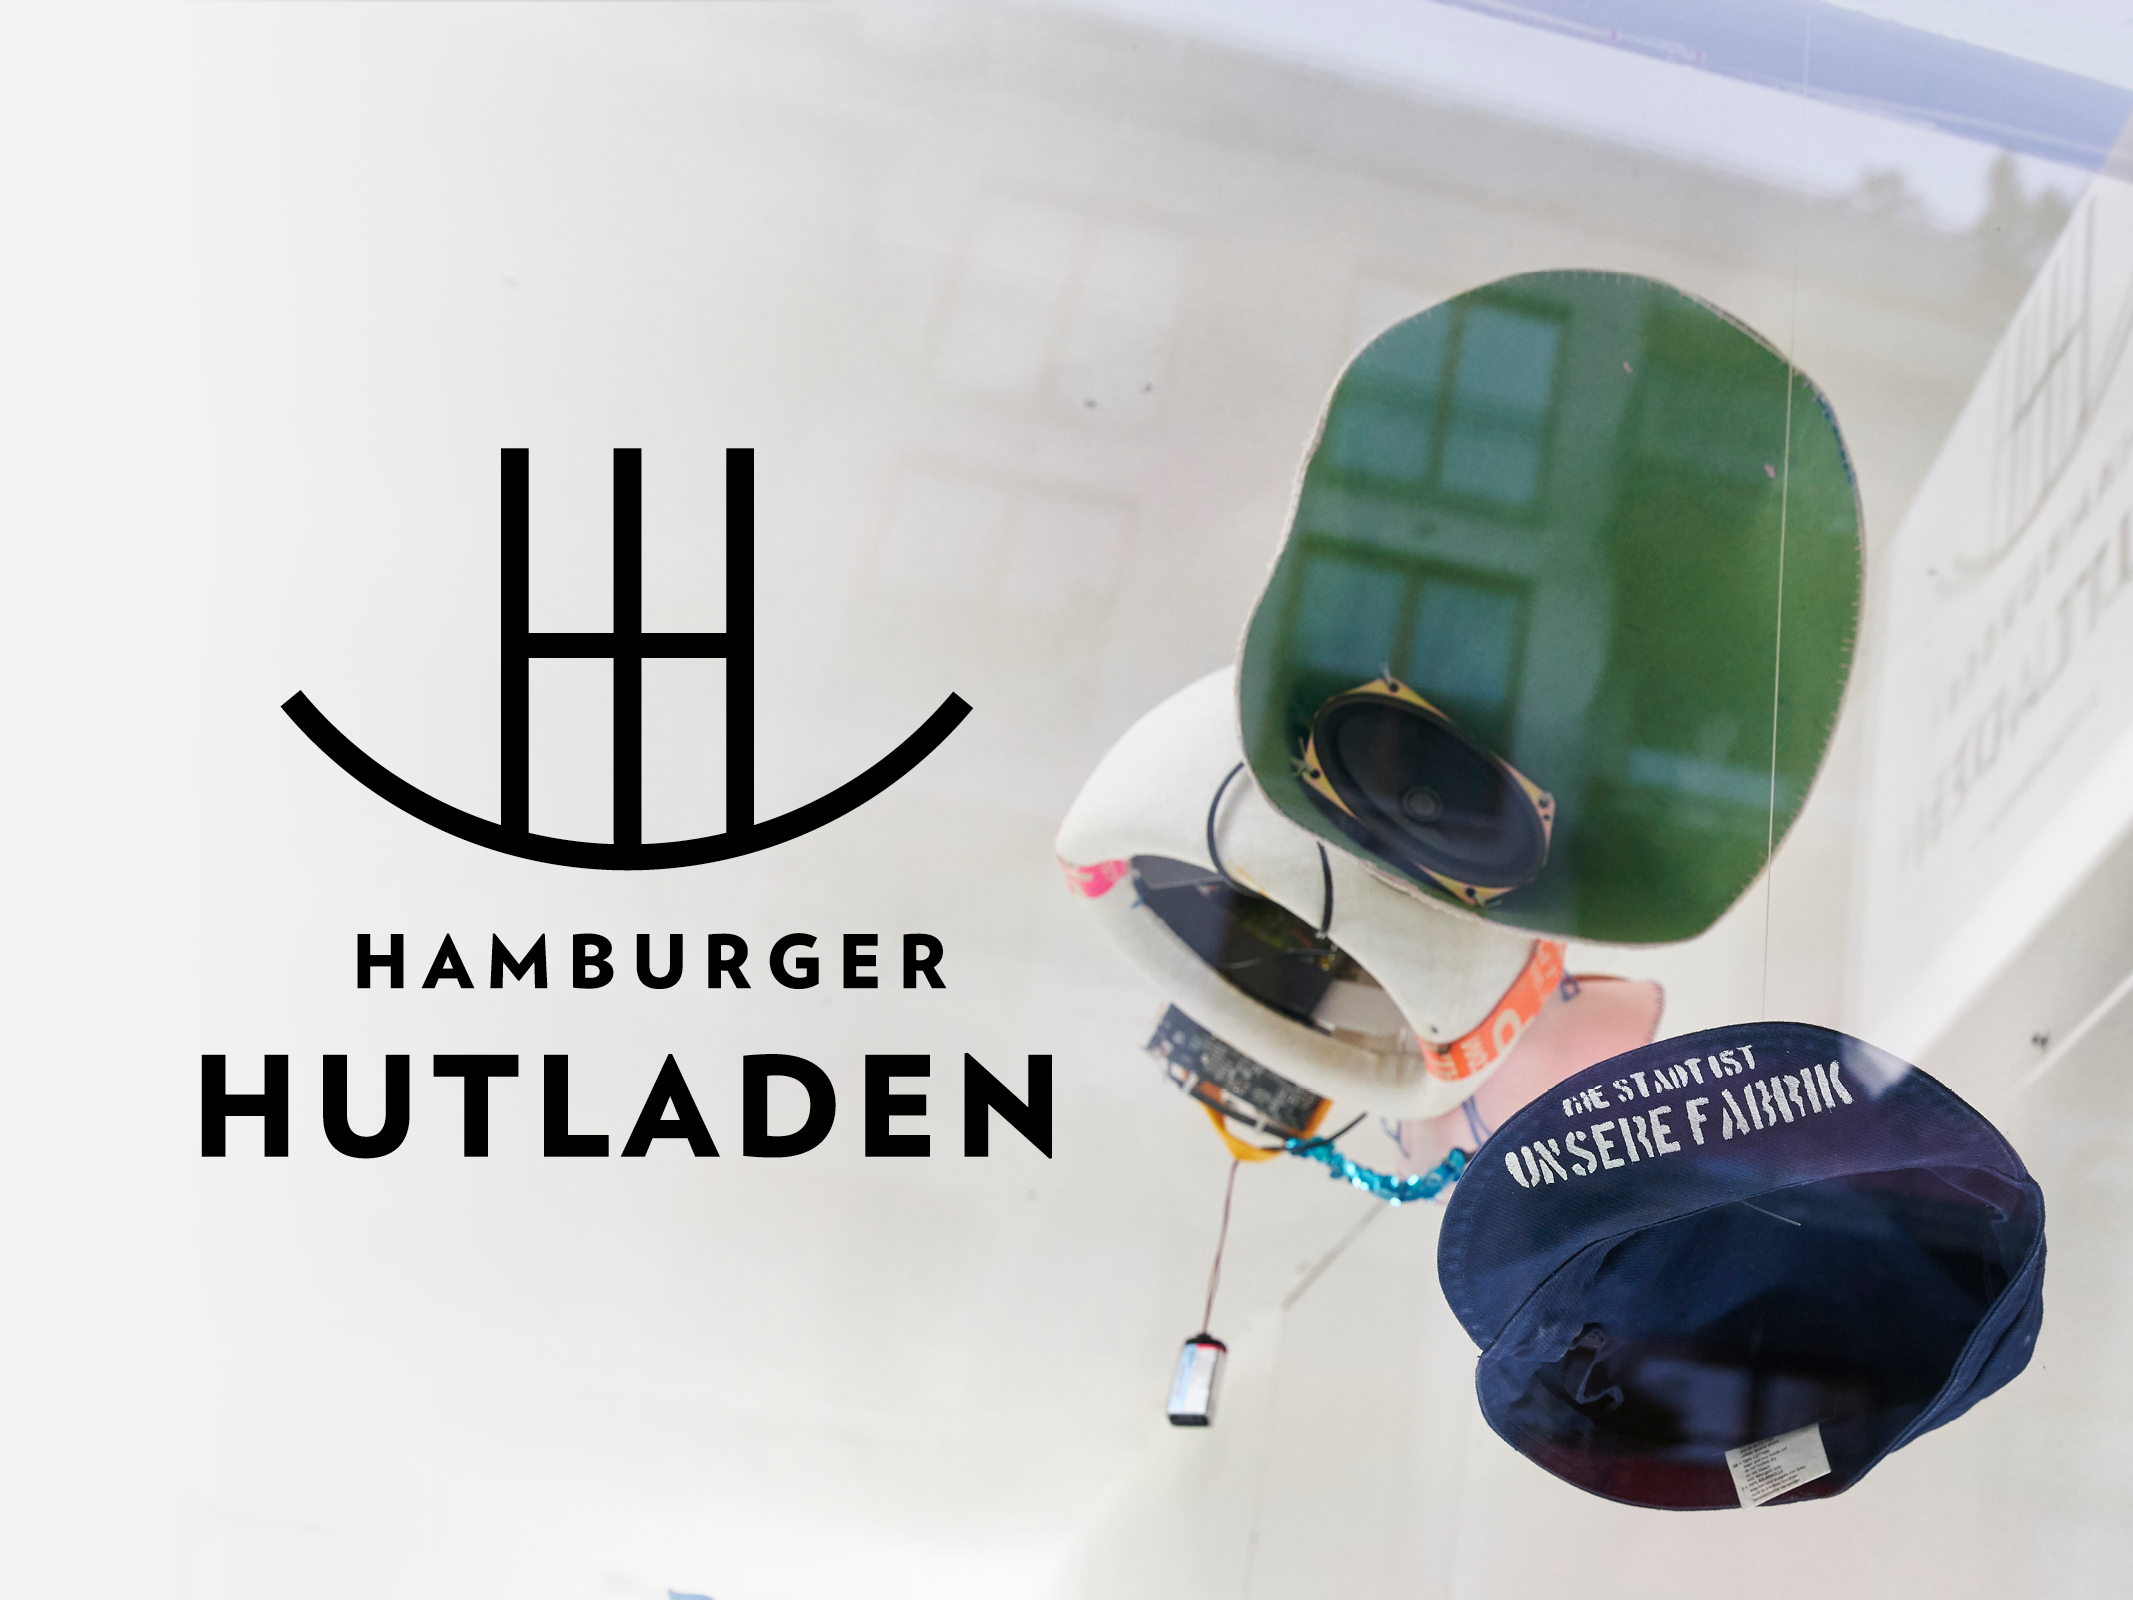 Hamburger Hutladen